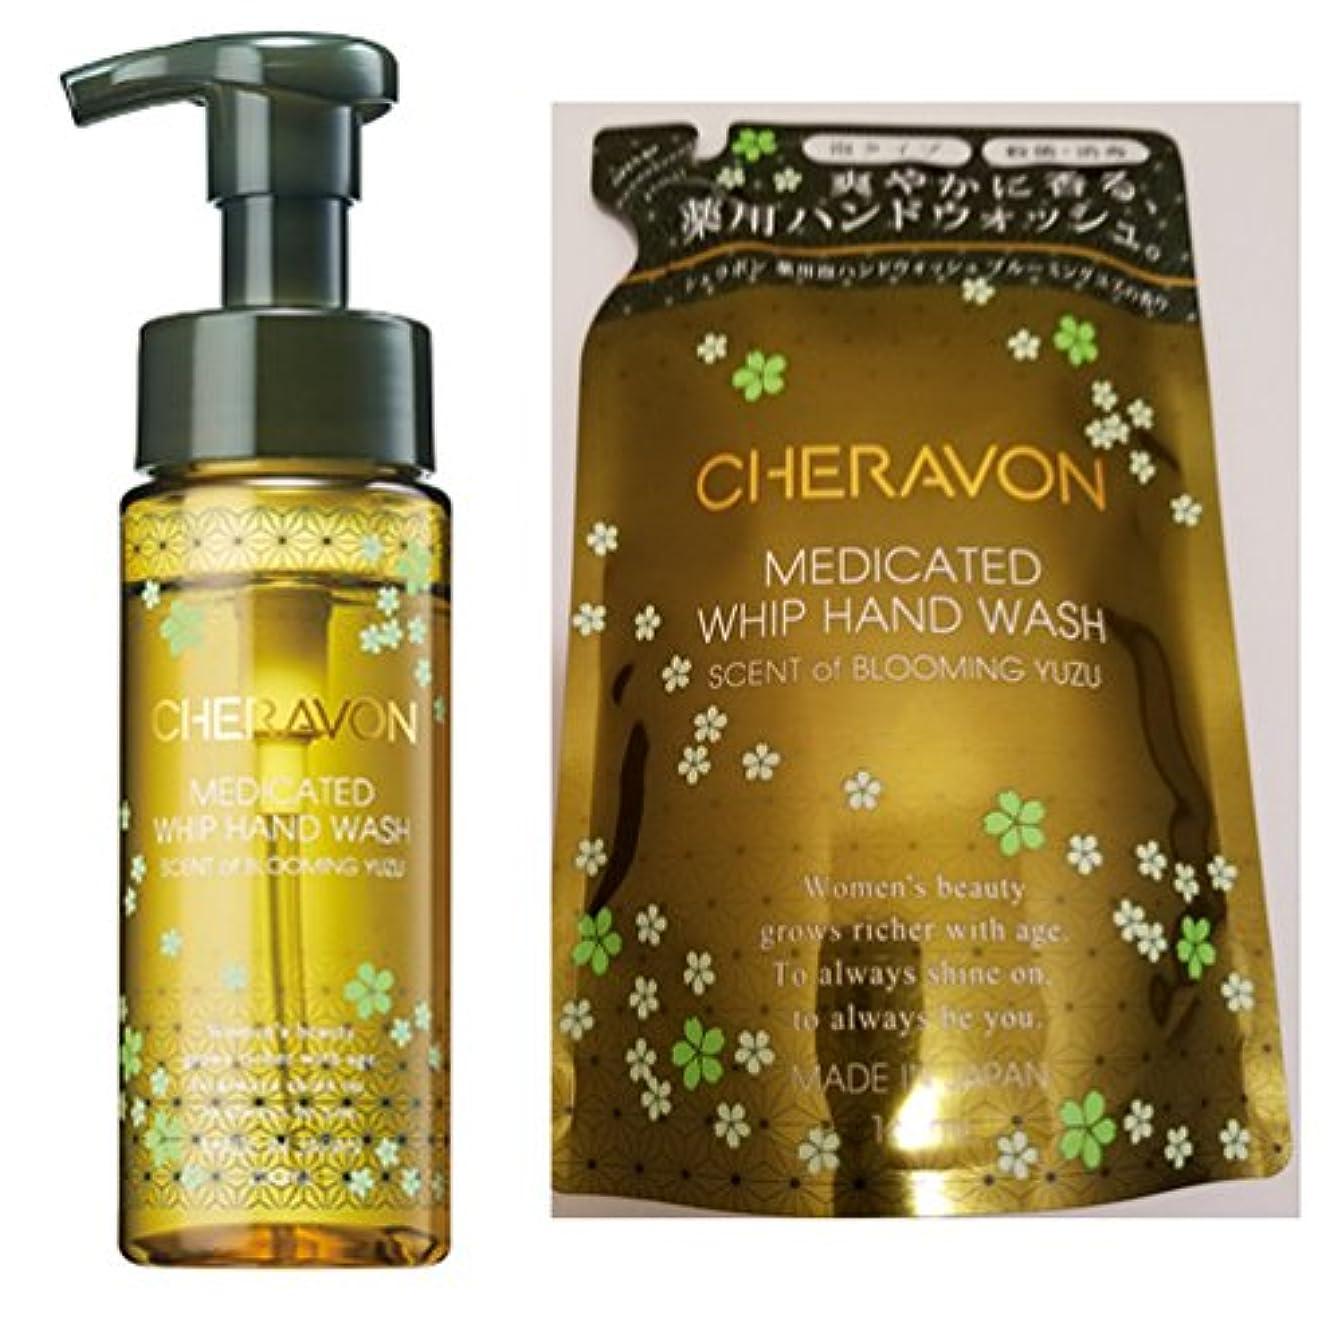 ほかにプレゼン発揮するシェラボン 薬用泡 ハンドウォッシュ ブルーミング ゆずの香り セット(本体+レフィル お得な限定セット) CHERAVON